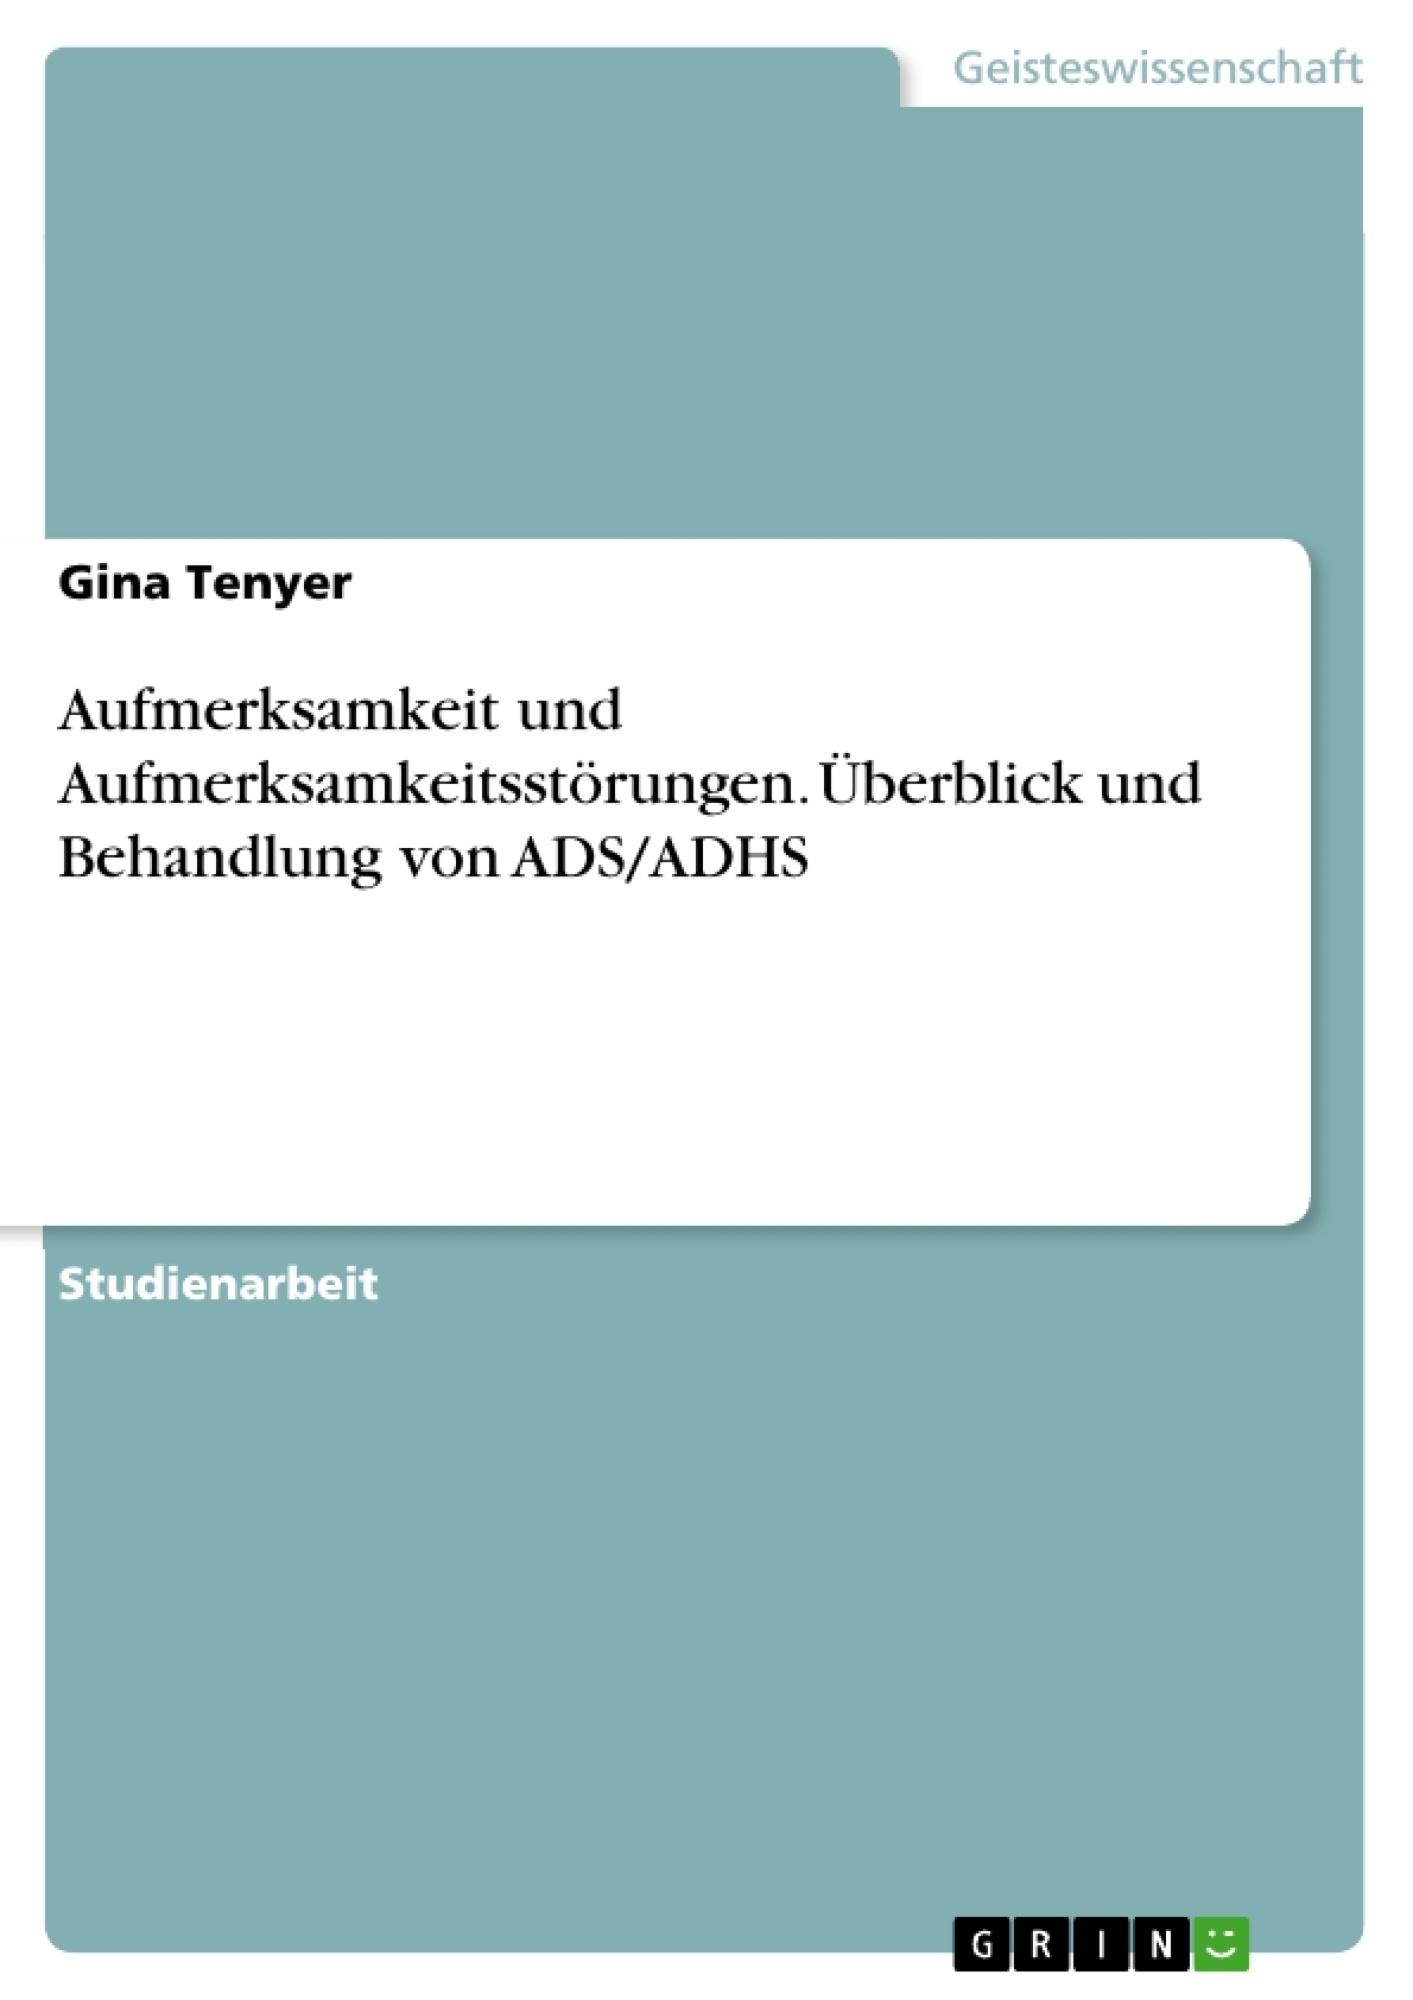 Titel: Aufmerksamkeit und Aufmerksamkeitsstörungen. Überblick und Behandlung von ADS/ADHS